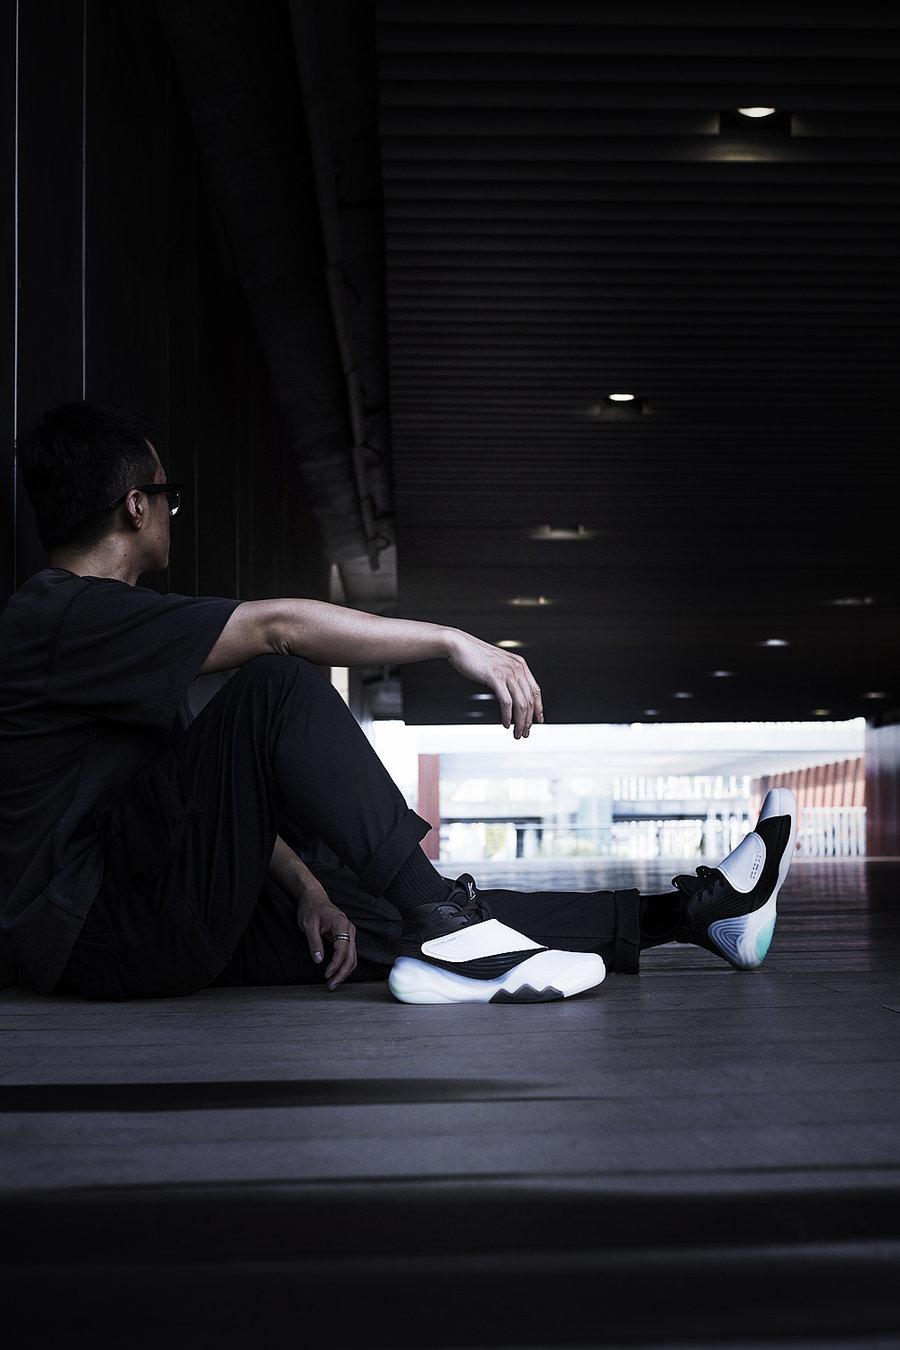 KT6,安踏,发售  这双球鞋有「防弹科技」?!光看鞋盒就惊呆了!同价位还有谁?